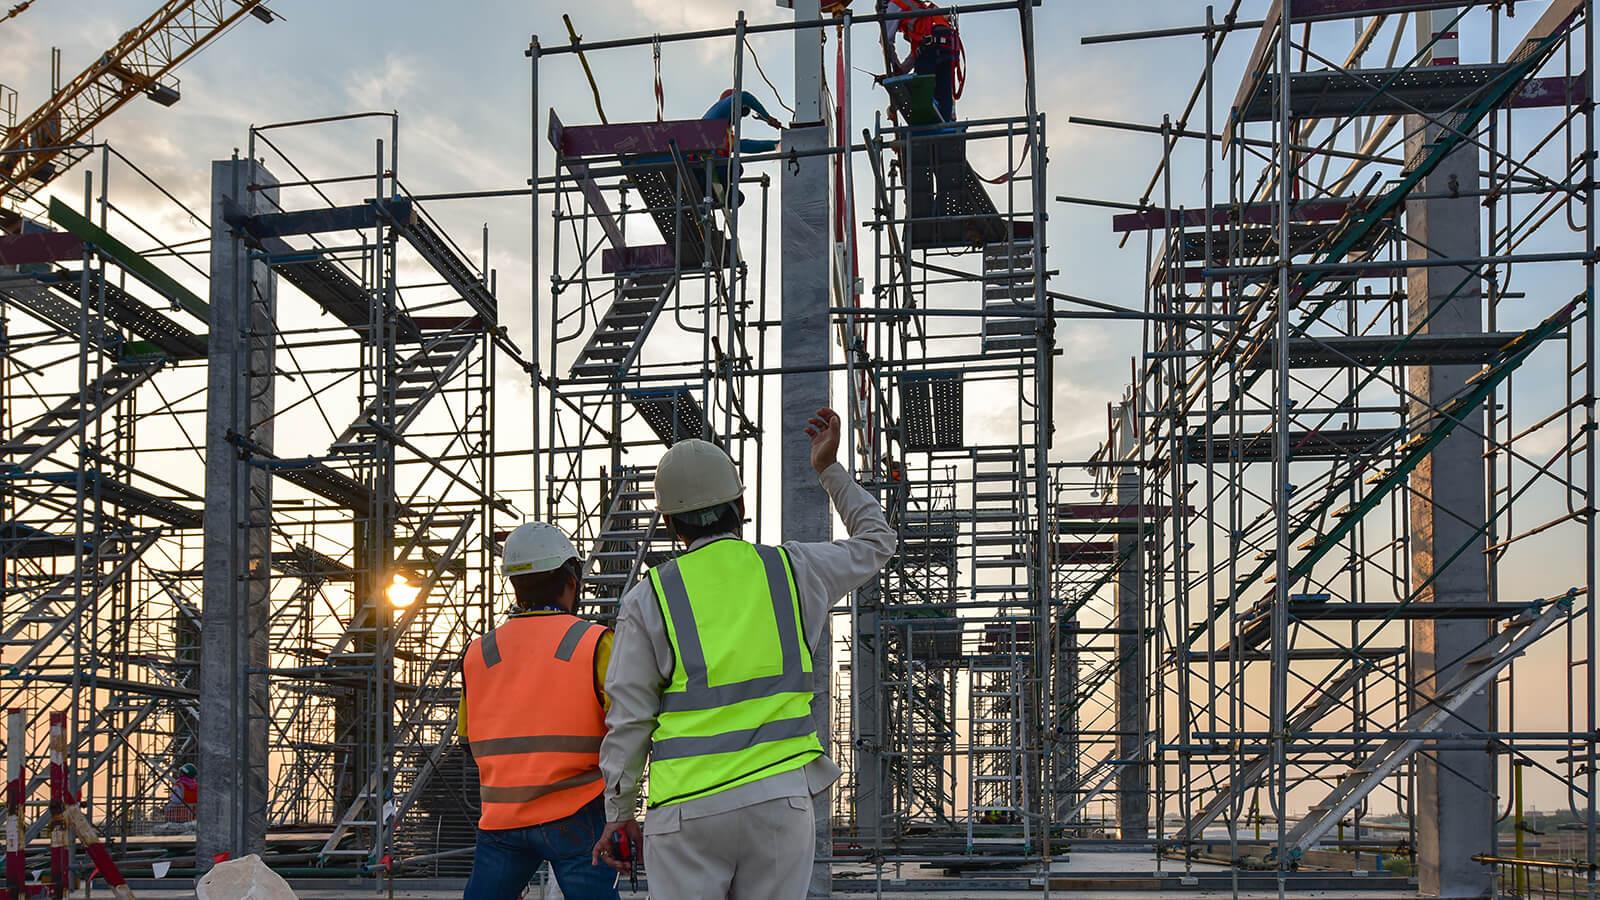 UZMANINDAN YAPISAL ÇÖZÜMLER - 3MC Endüstriyel alanda uzmanlaşmış, bu alanda örnek projelere imza atmış, lider yapı şirketleri arasında öne çıkmıştır. || 3MC Yapı